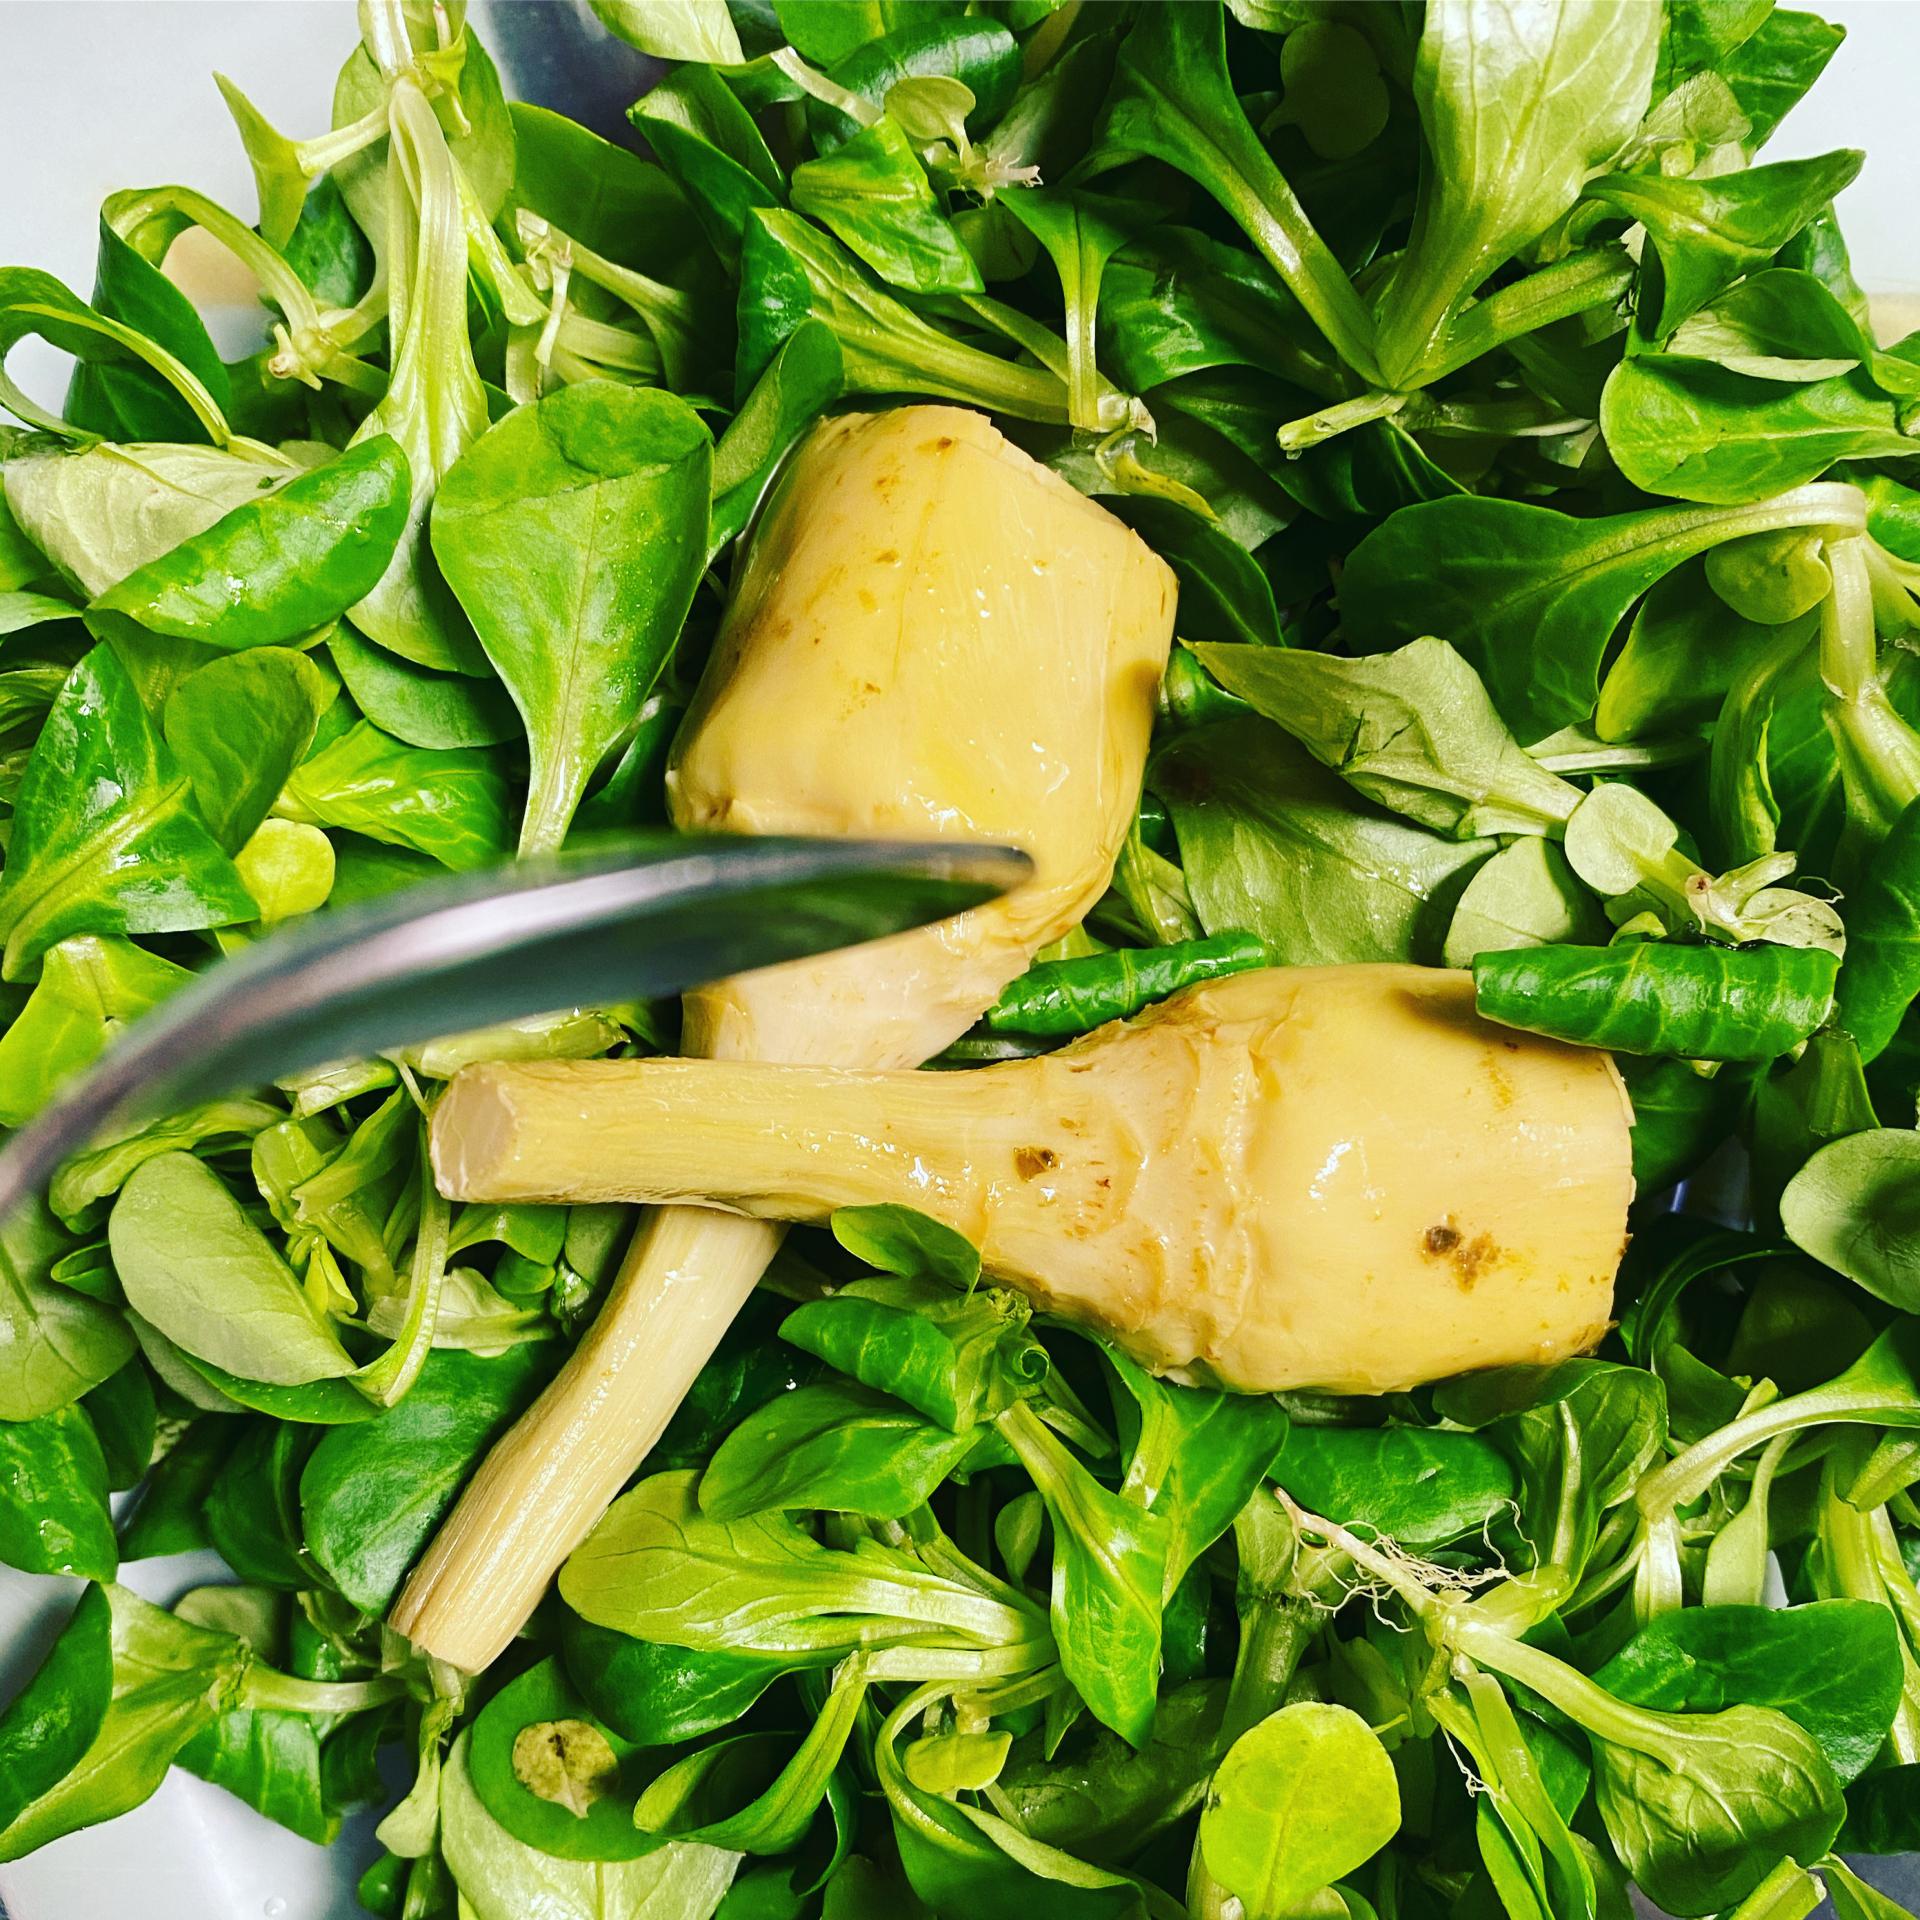 Condireste la vostra insalata con l'olio di vaselina? Ci sono dietologi che lo consigliano